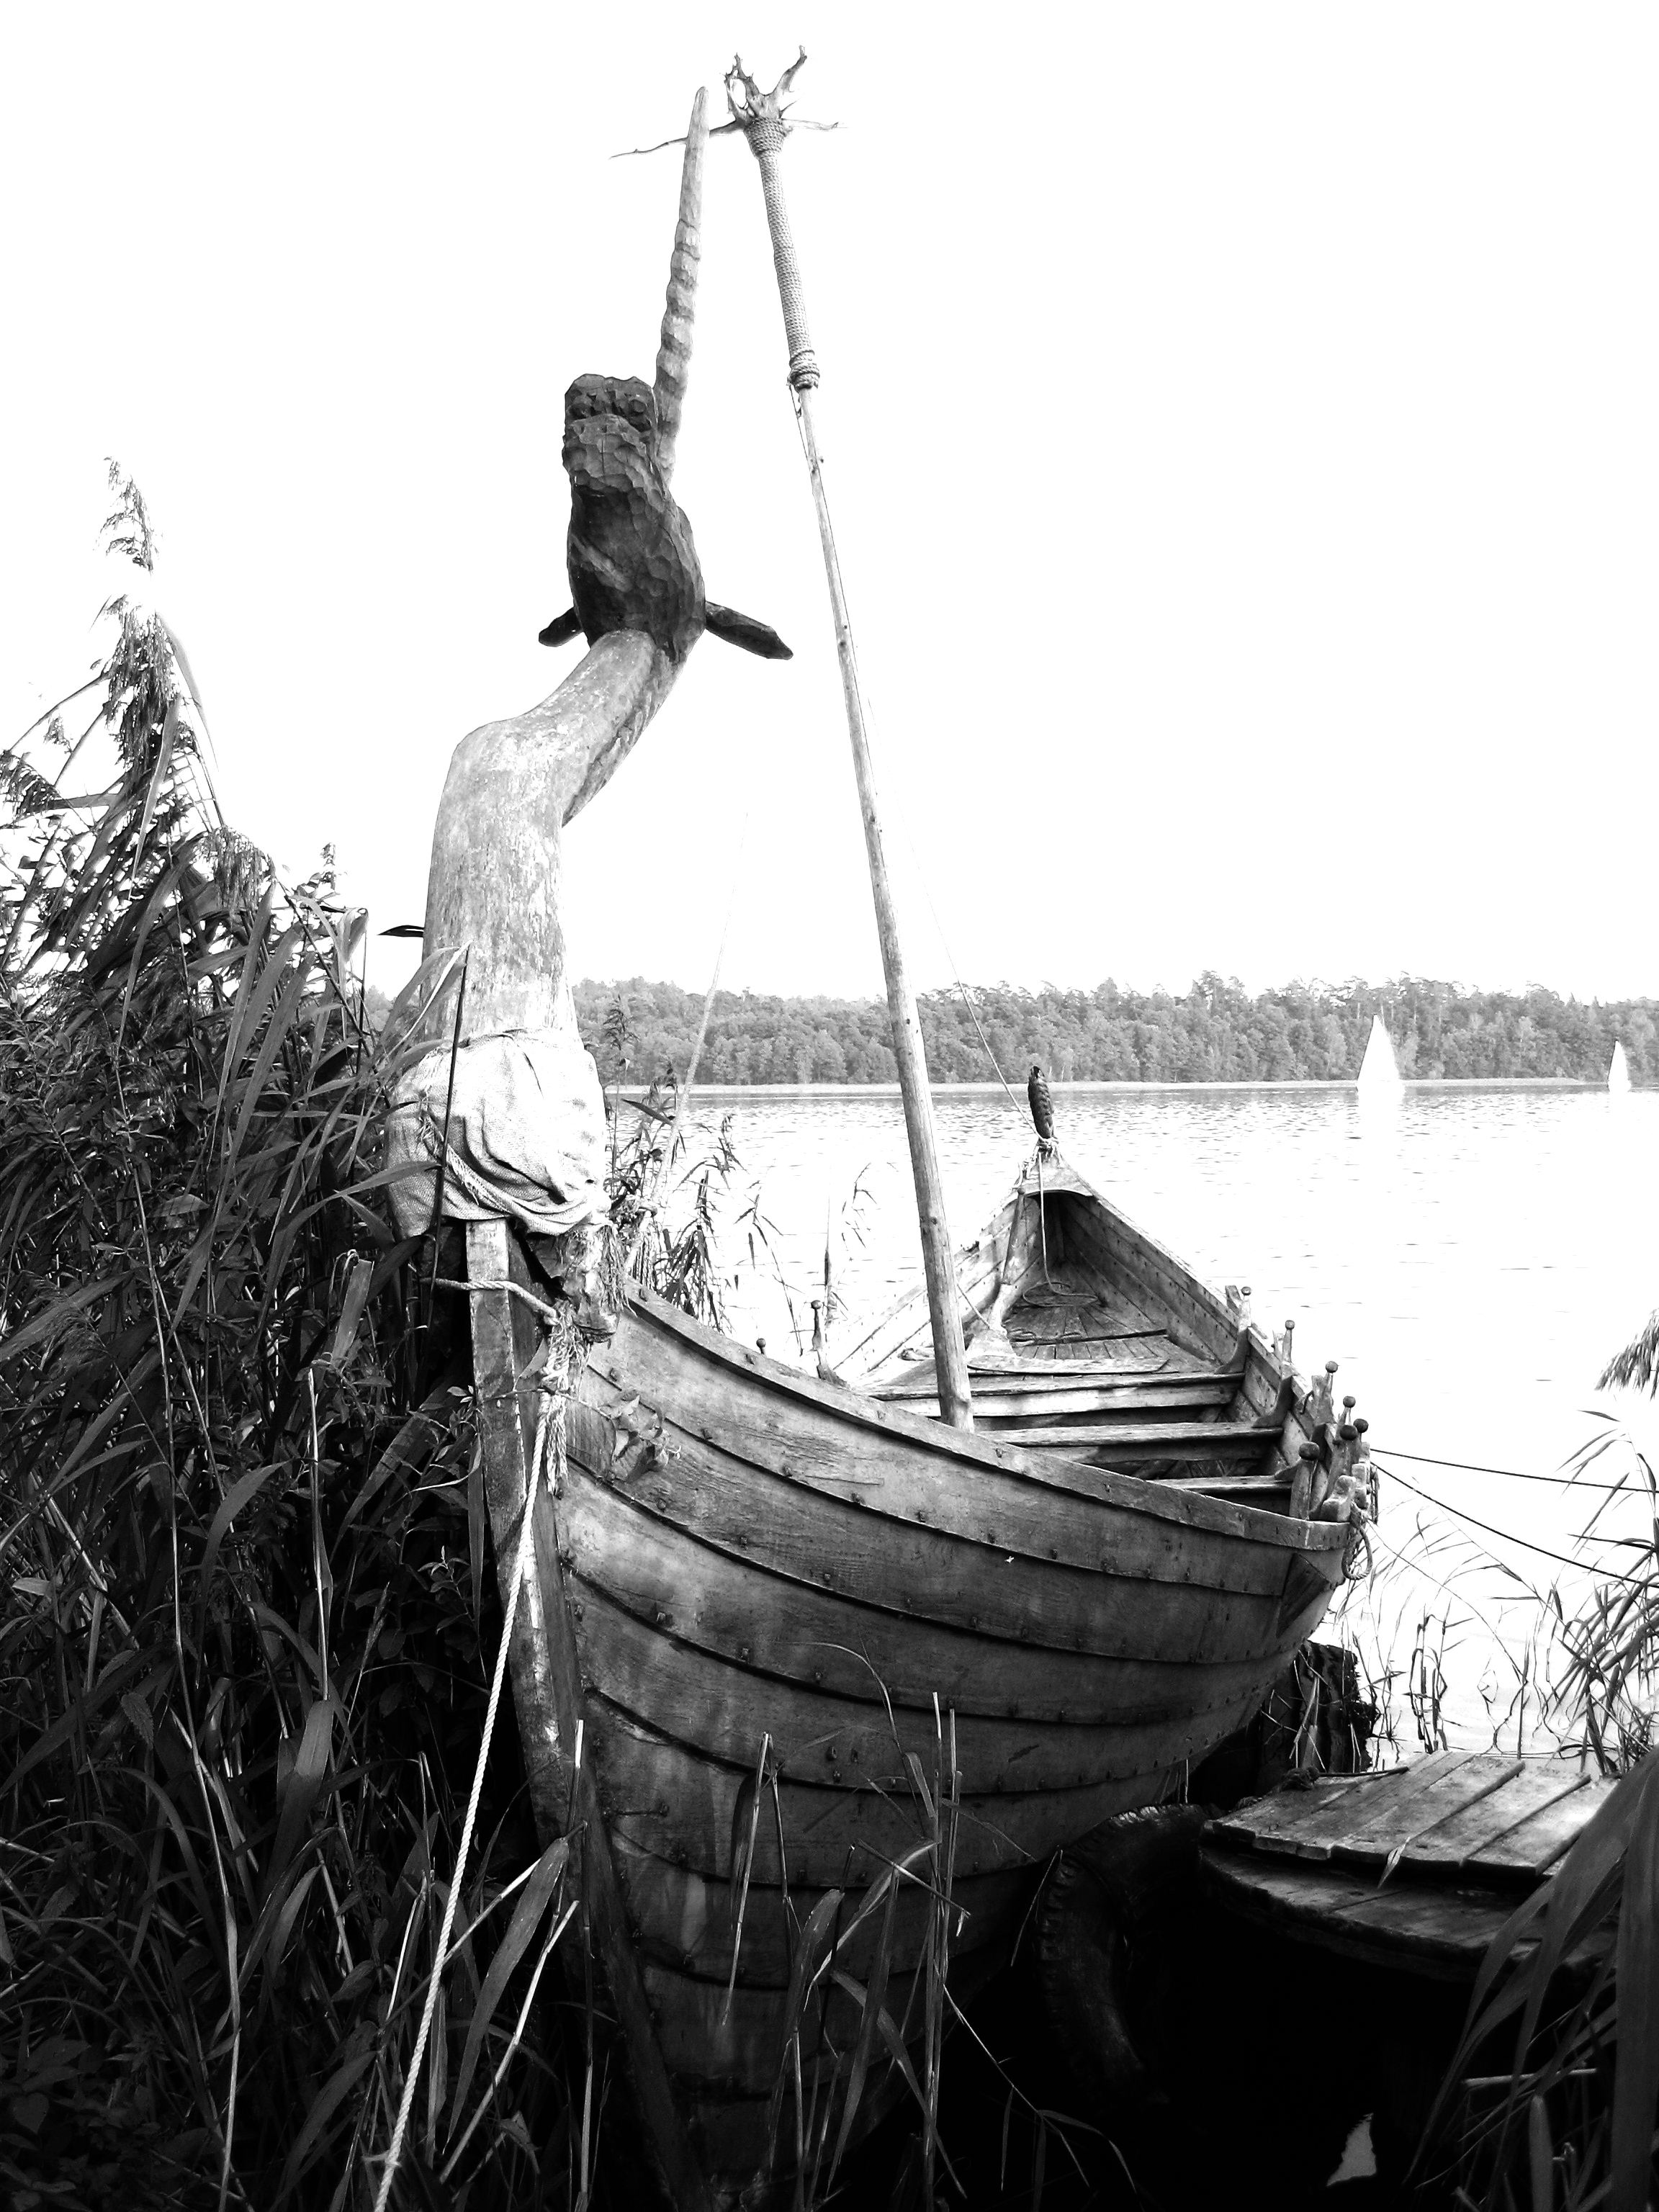 old viking boat in Poland